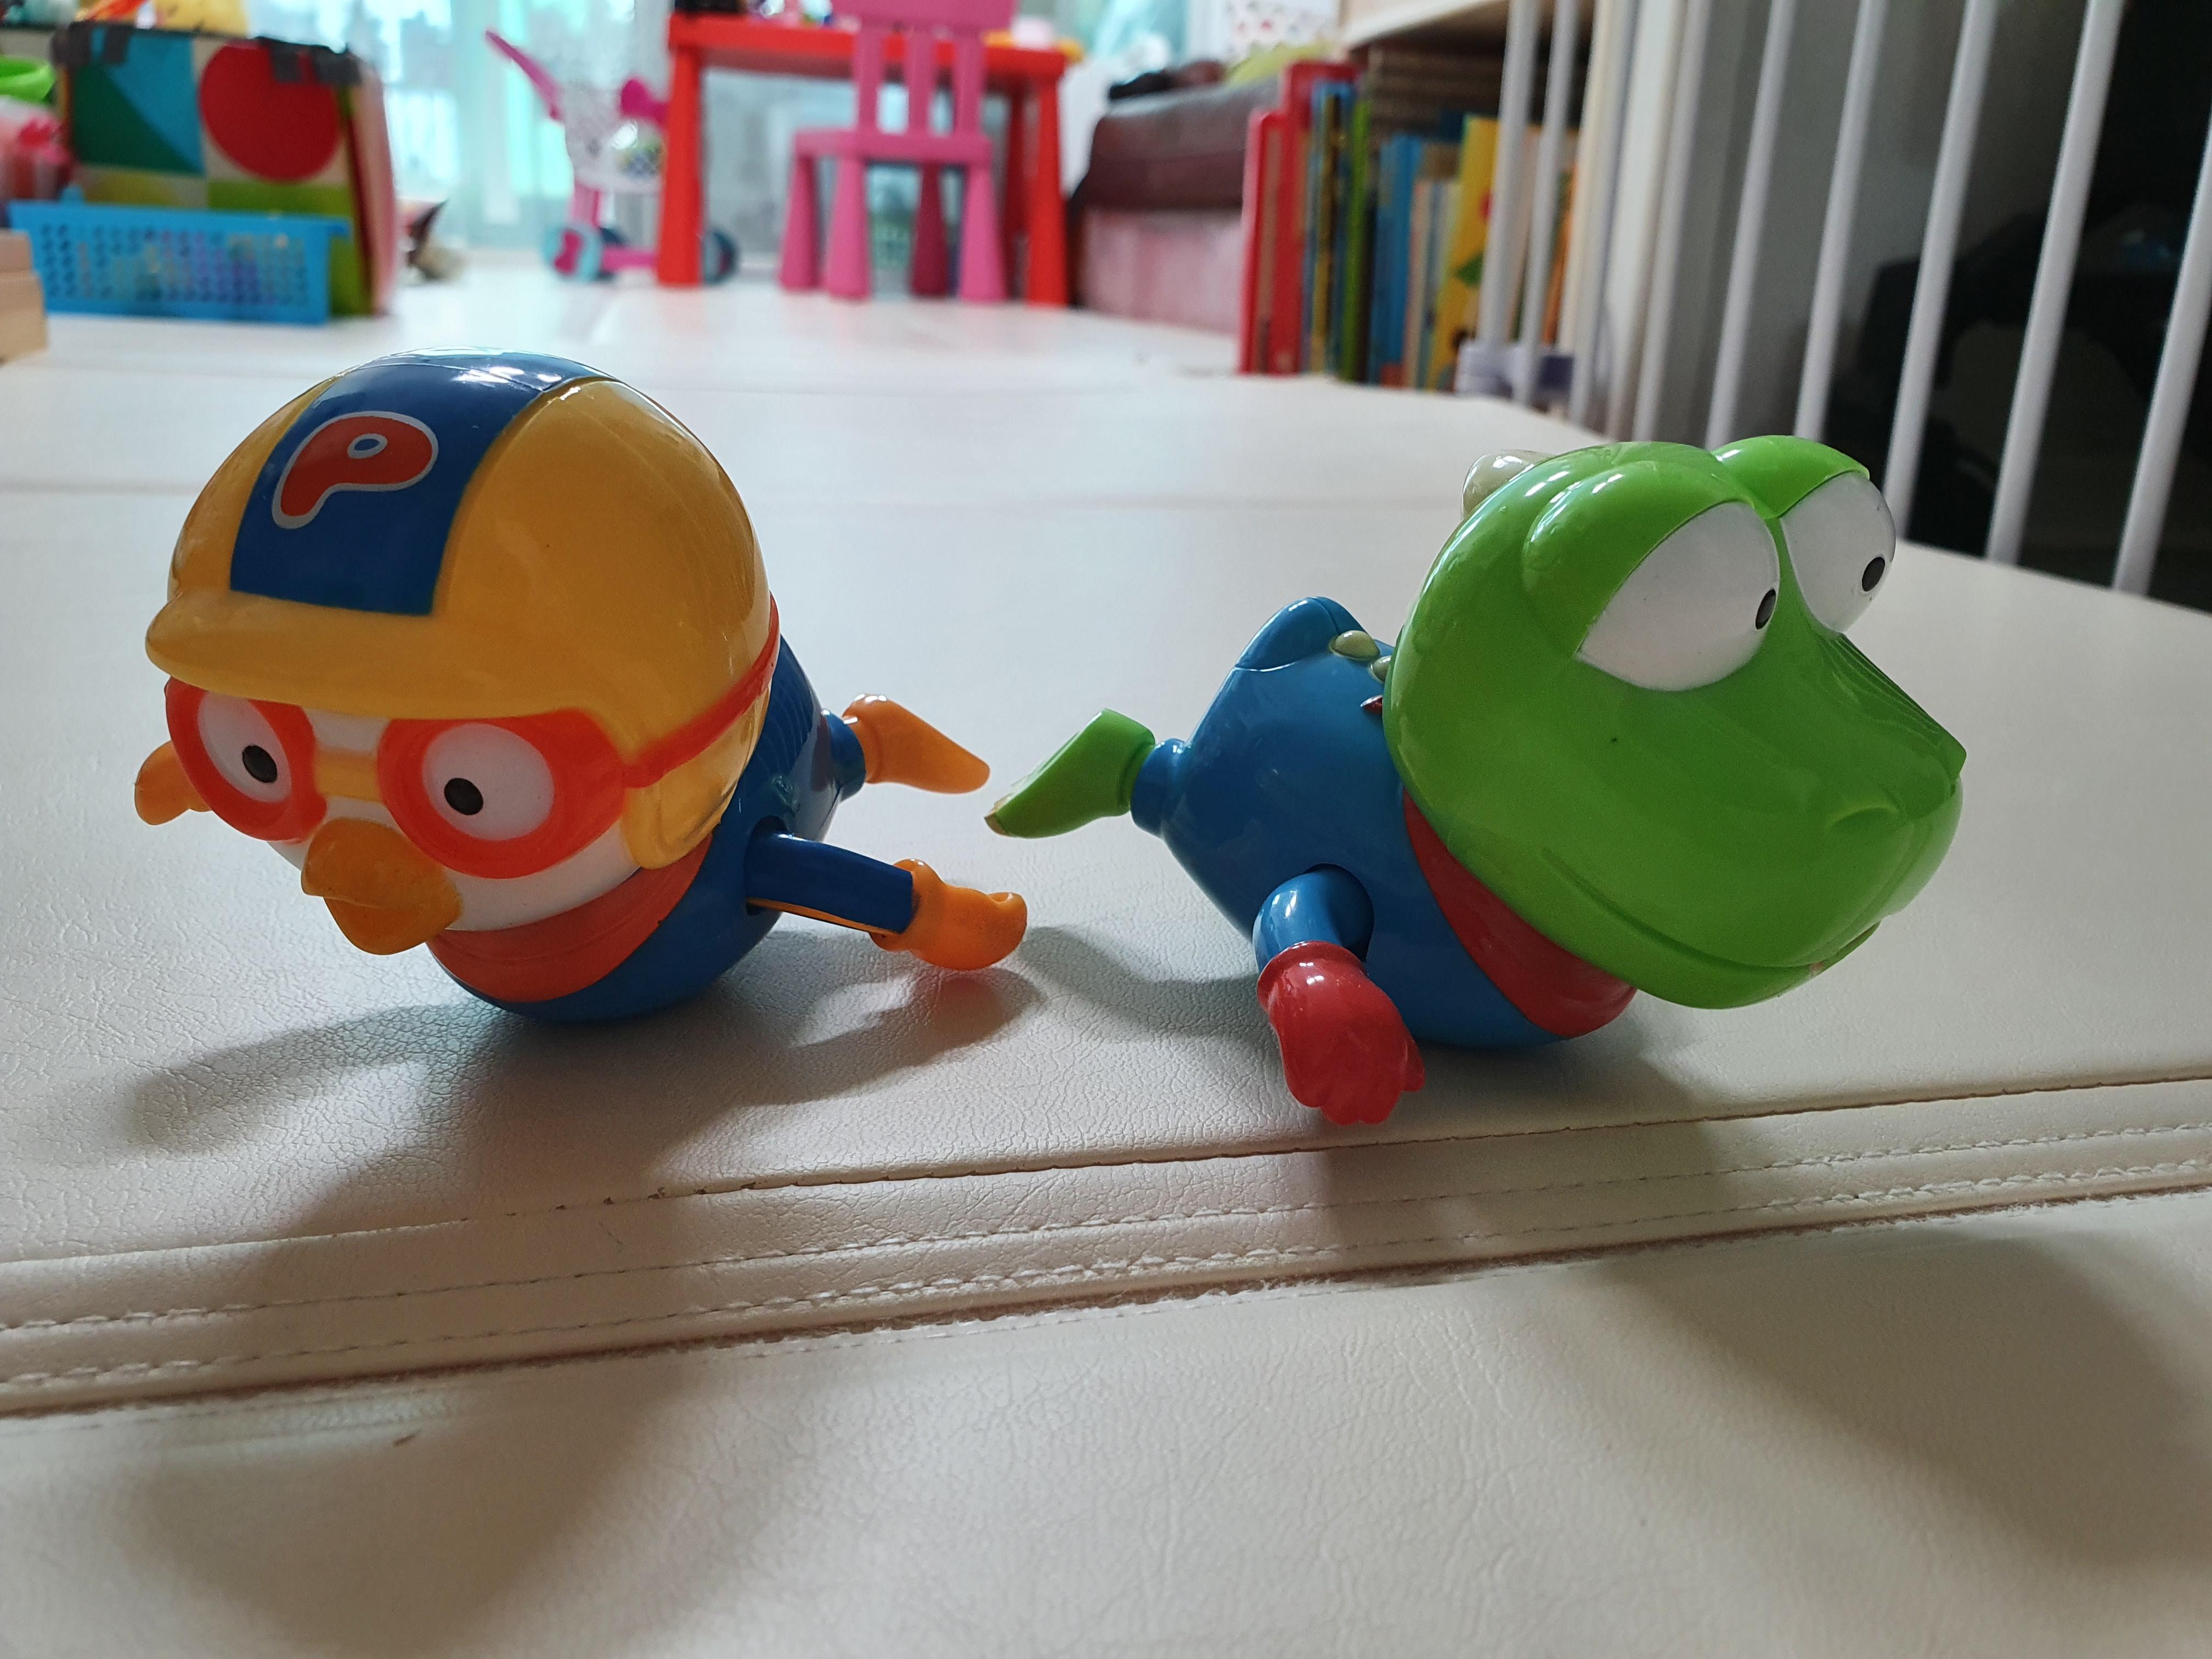 수영하는 뽀로로와 크롱 장난감 : 30개월 아이 목욕 힘들어